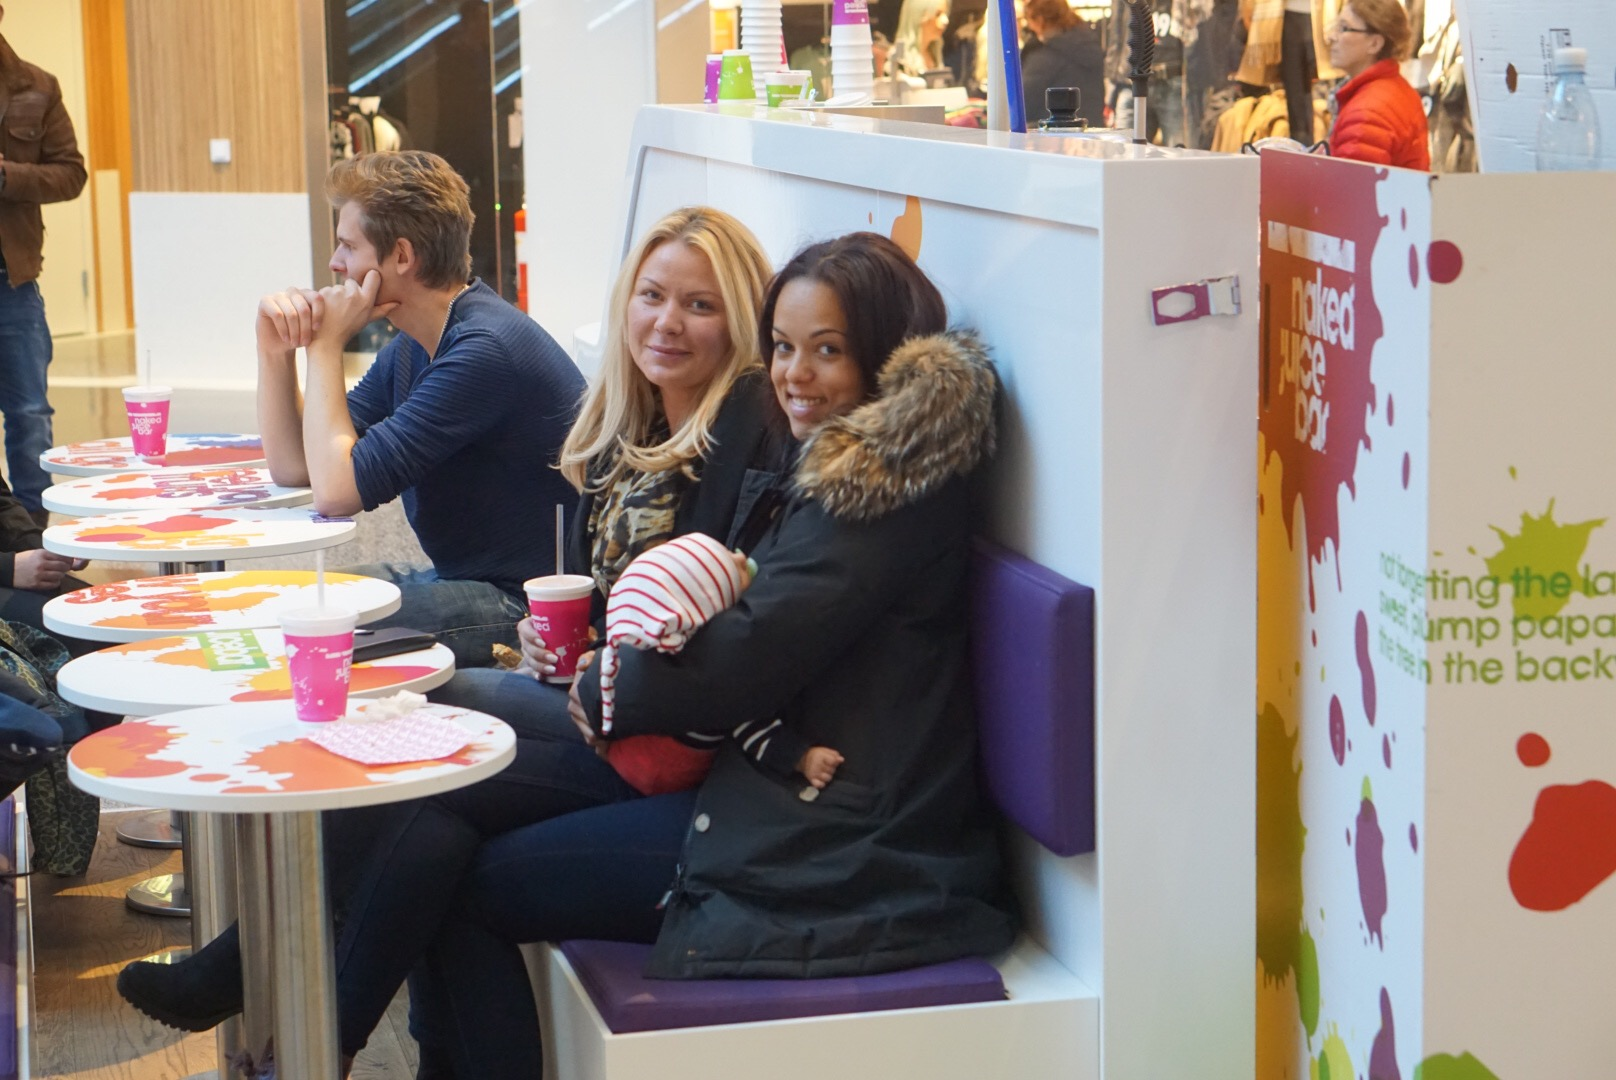 Dejta kvinnor i Umeå – Sök bland tusentals kvinnor i Umeå som vill börja dejta